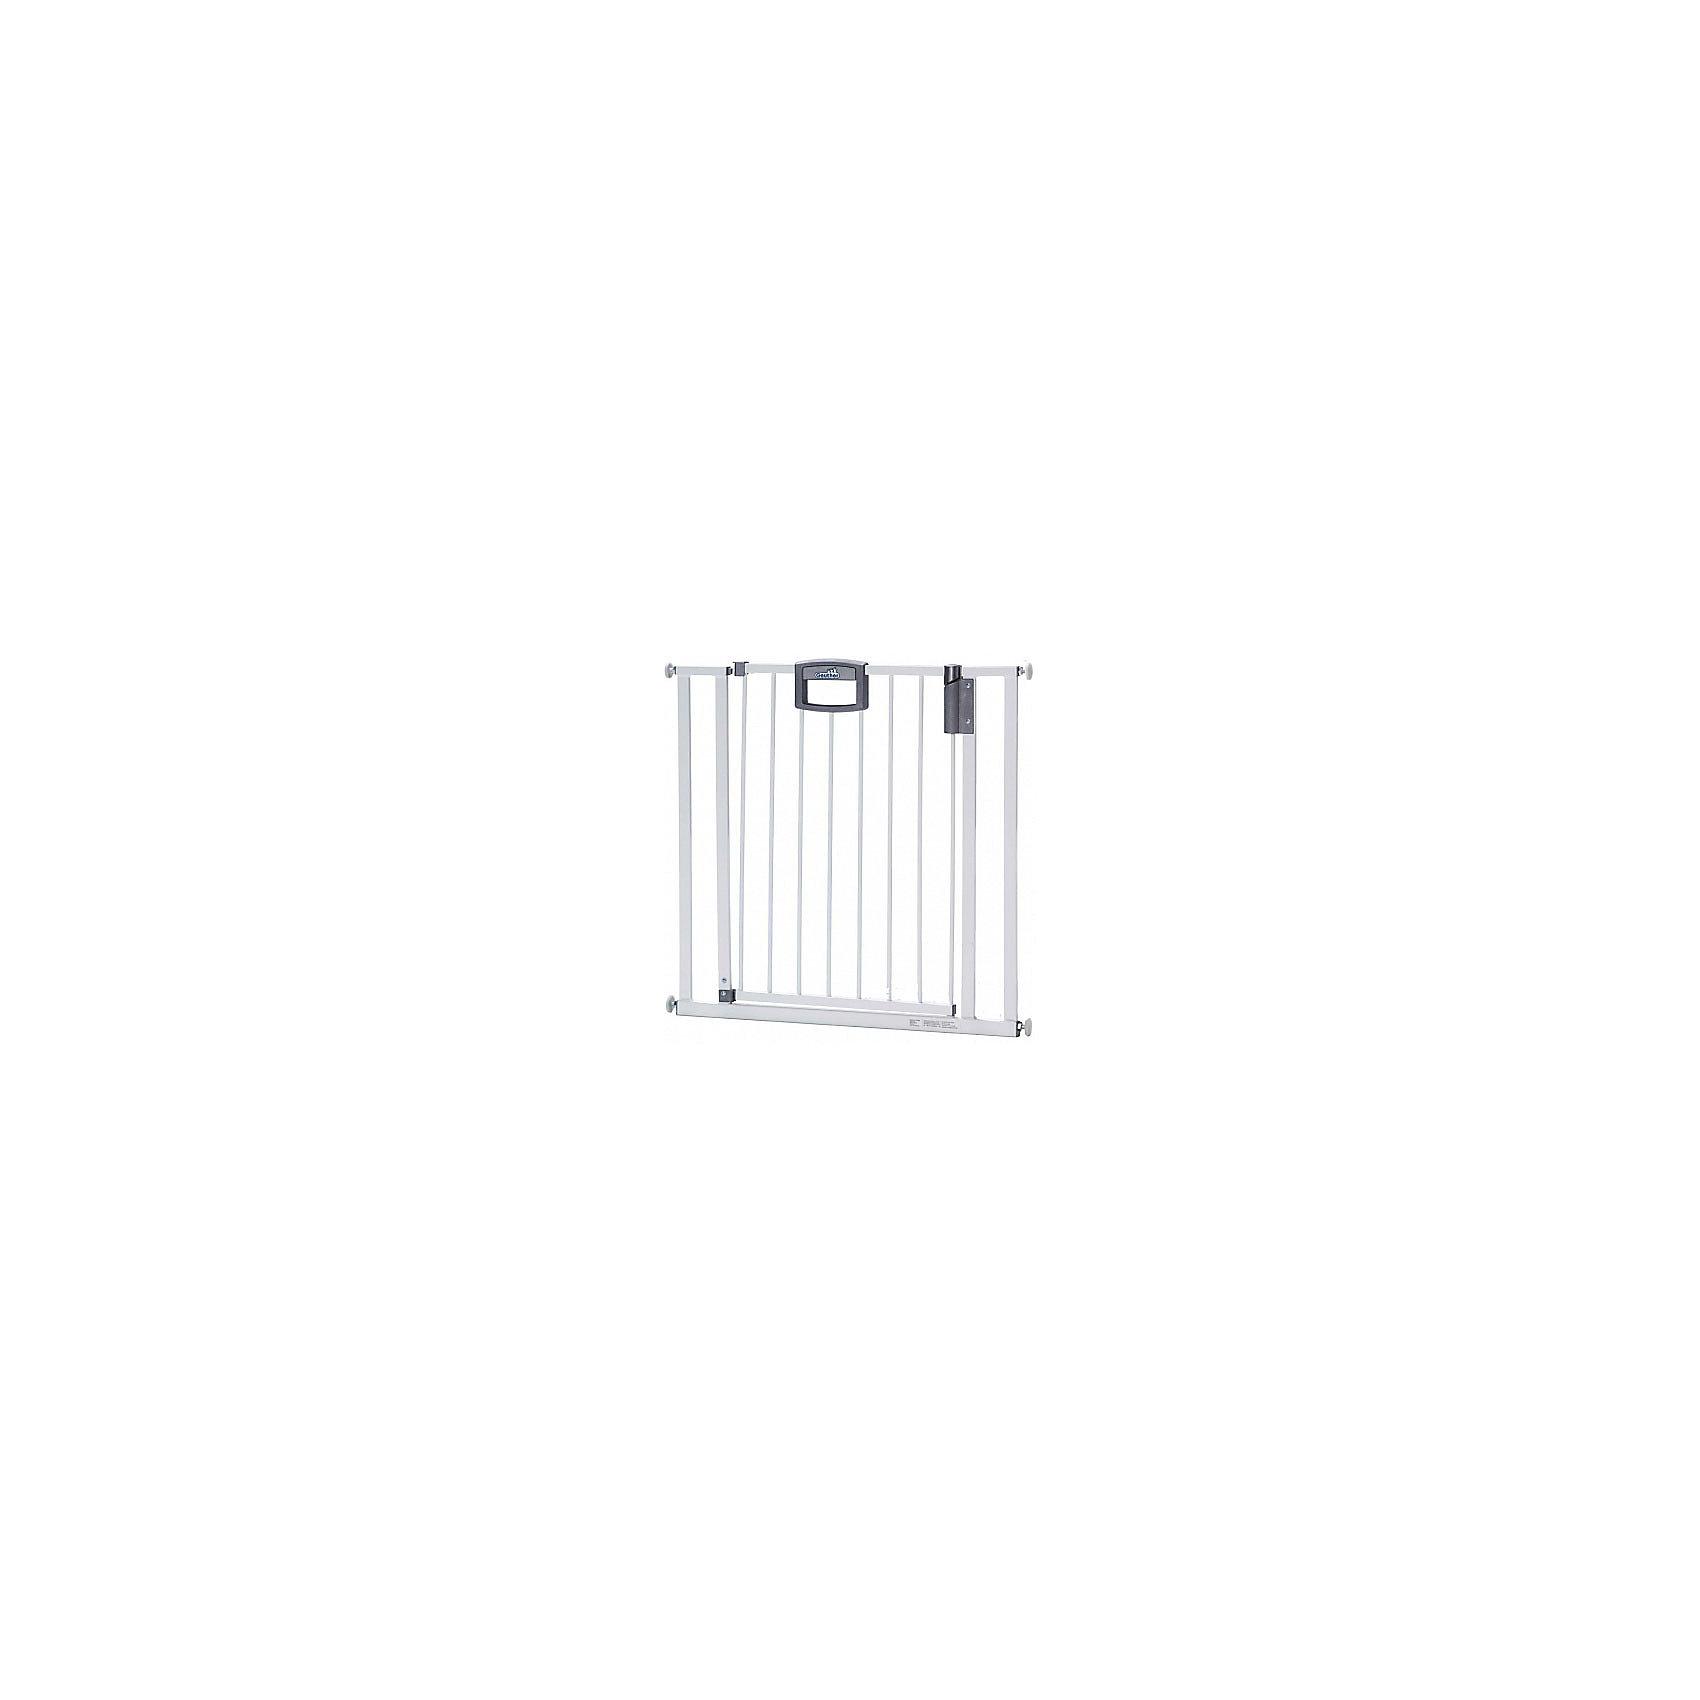 Барьеры-ворота Easy Lock 84,5*92,5*81,5см, GeutherБарьер легко устанавливаются в дверные проемы шириной от 84,5 до 92,5 см без помощи дрели или каких-либо других инструментов, после демонтажа ворота не оставляют следов на стенах. Благодаря барьеру Вы спокойно сможете заниматься своими делами, а в это время Ваш малыш будет надёжно защищён. <br>Особенности:<br>- Удобный механизм защелкивания, легко устанавливаются без специального крепления.<br>- При установке не требуется дрель или инструменты, после демонтажа не оставляют следов на стенах.<br>- Защищает ребёнка от нежелательного прохода через дверной проём или падения с лестницы.<br>- Уникальный защитный механизм позволит взрослому легко пройти через ворота, создавая в то же время непреодолимое препятствие для малыша .<br>- Открывается в обоих направлениях.<br><br>Дополнительная информация:<br><br>- Ширина: 84.5-92.5 см.<br>- Высота: 81.5 см.<br>- Материал: металл, пластик.<br><br>Купить барьер-ворота Easy Lock 84,5*92,5*81,5см., от Geuther, можно в нашем магазине.<br><br>Ширина мм: 950<br>Глубина мм: 860<br>Высота мм: 810<br>Вес г: 9000<br>Возраст от месяцев: 0<br>Возраст до месяцев: 24<br>Пол: Унисекс<br>Возраст: Детский<br>SKU: 5093564